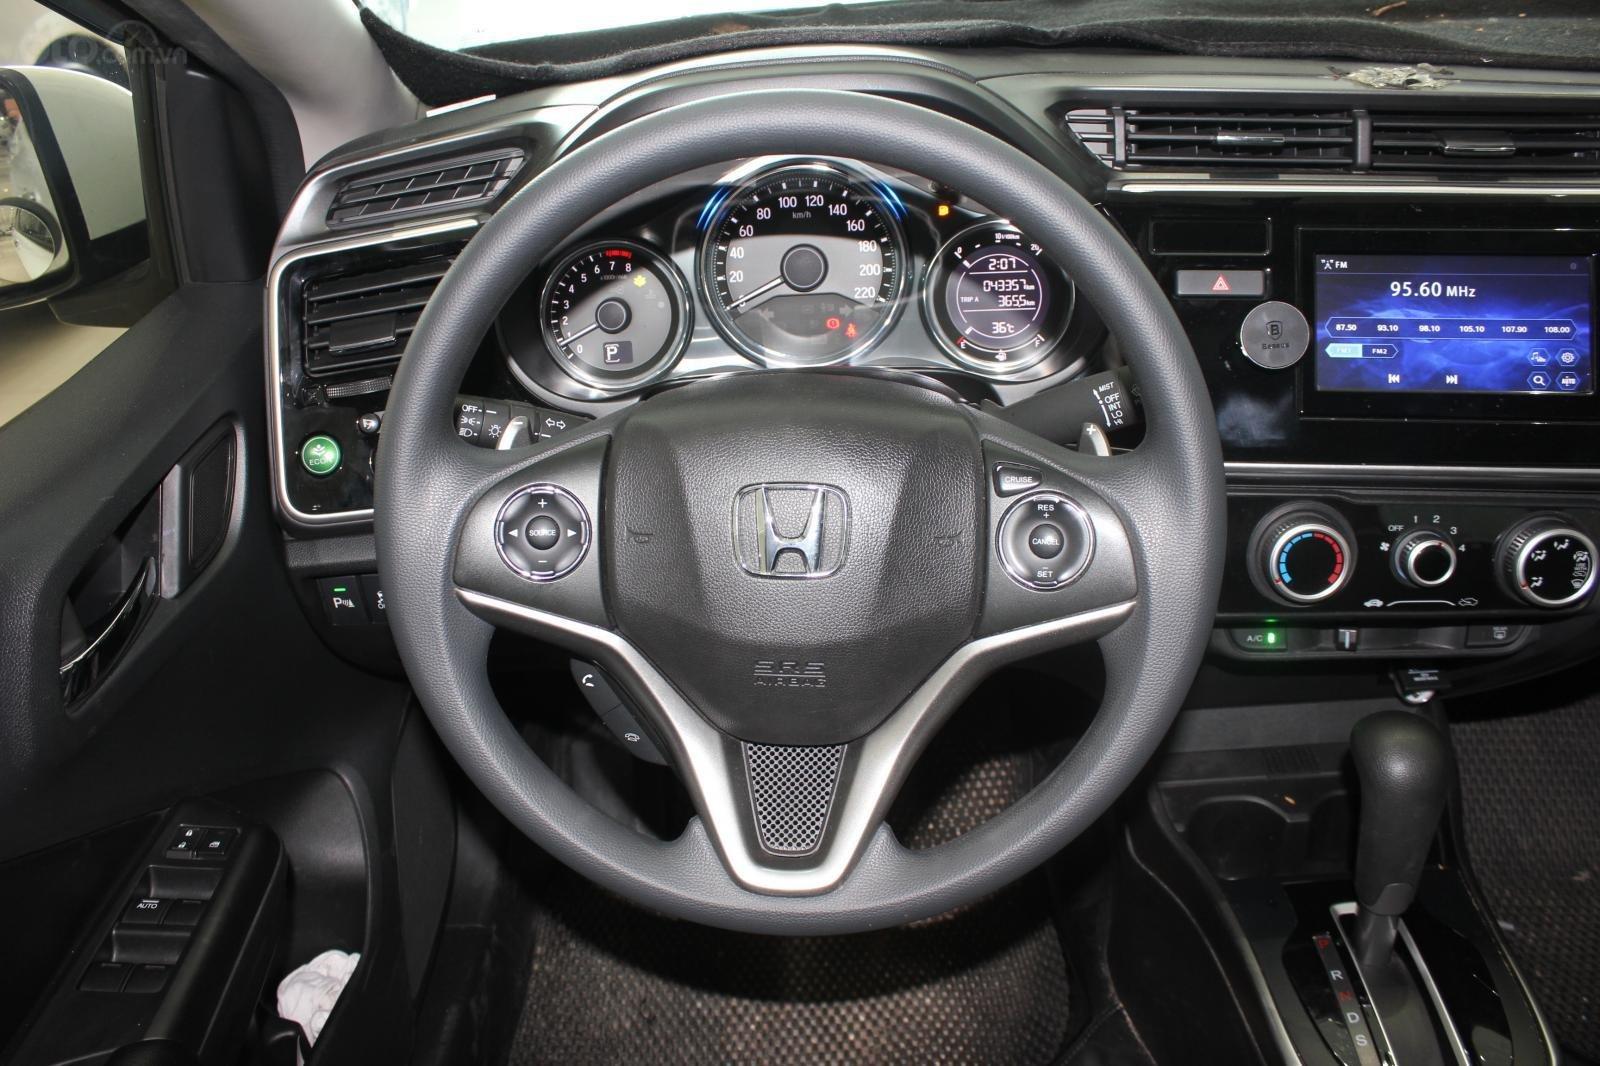 Bán Honda City 1.5 AT 2018 giá hợp lý-9